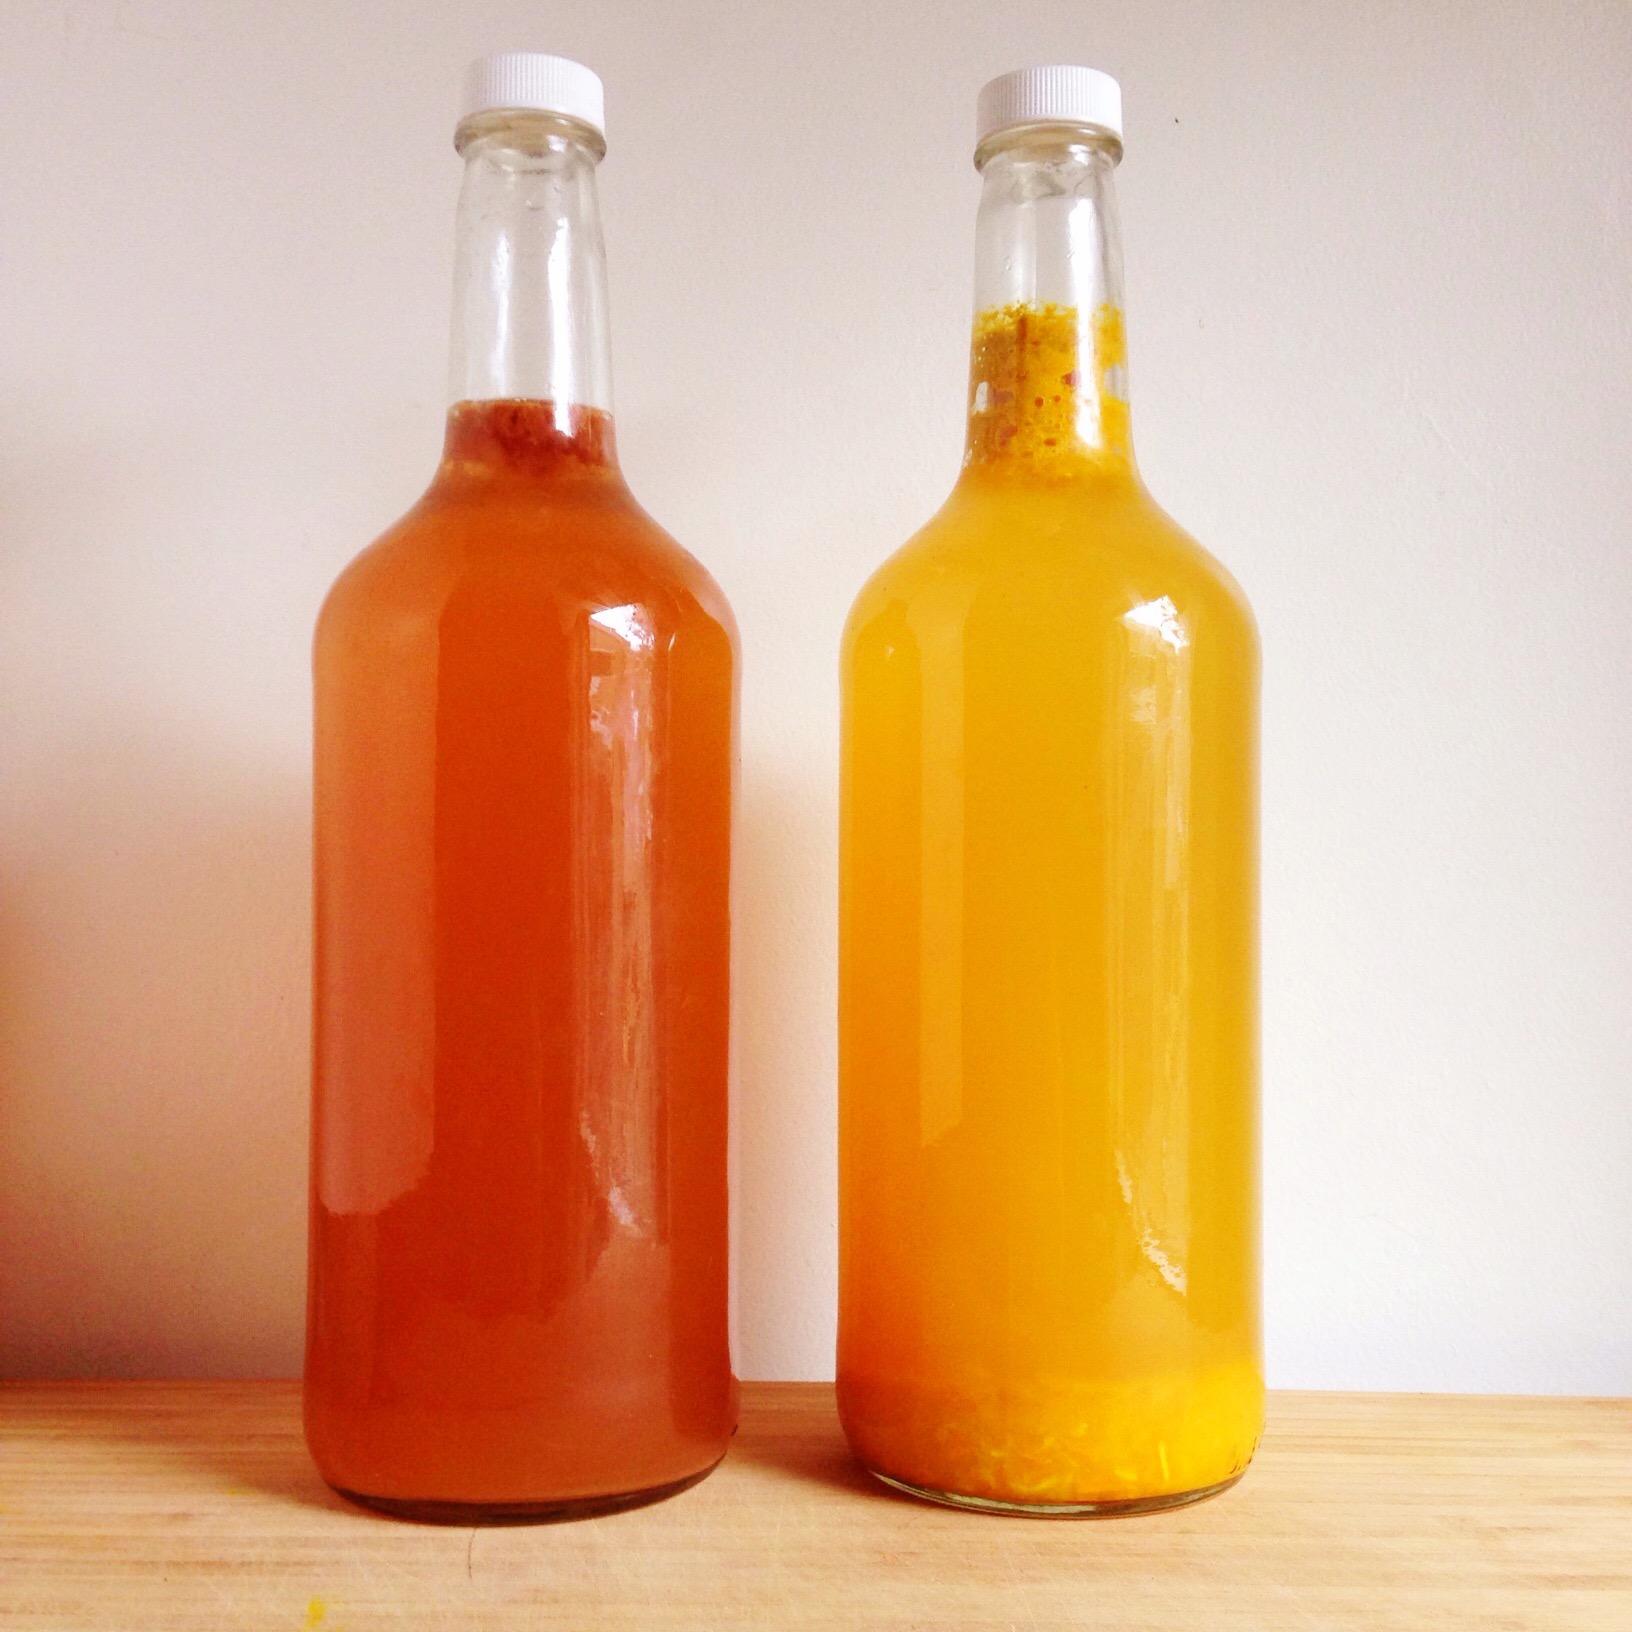 Strawberry Vanilla Kombucha and Turmeric Peach Ginger 'Beer'